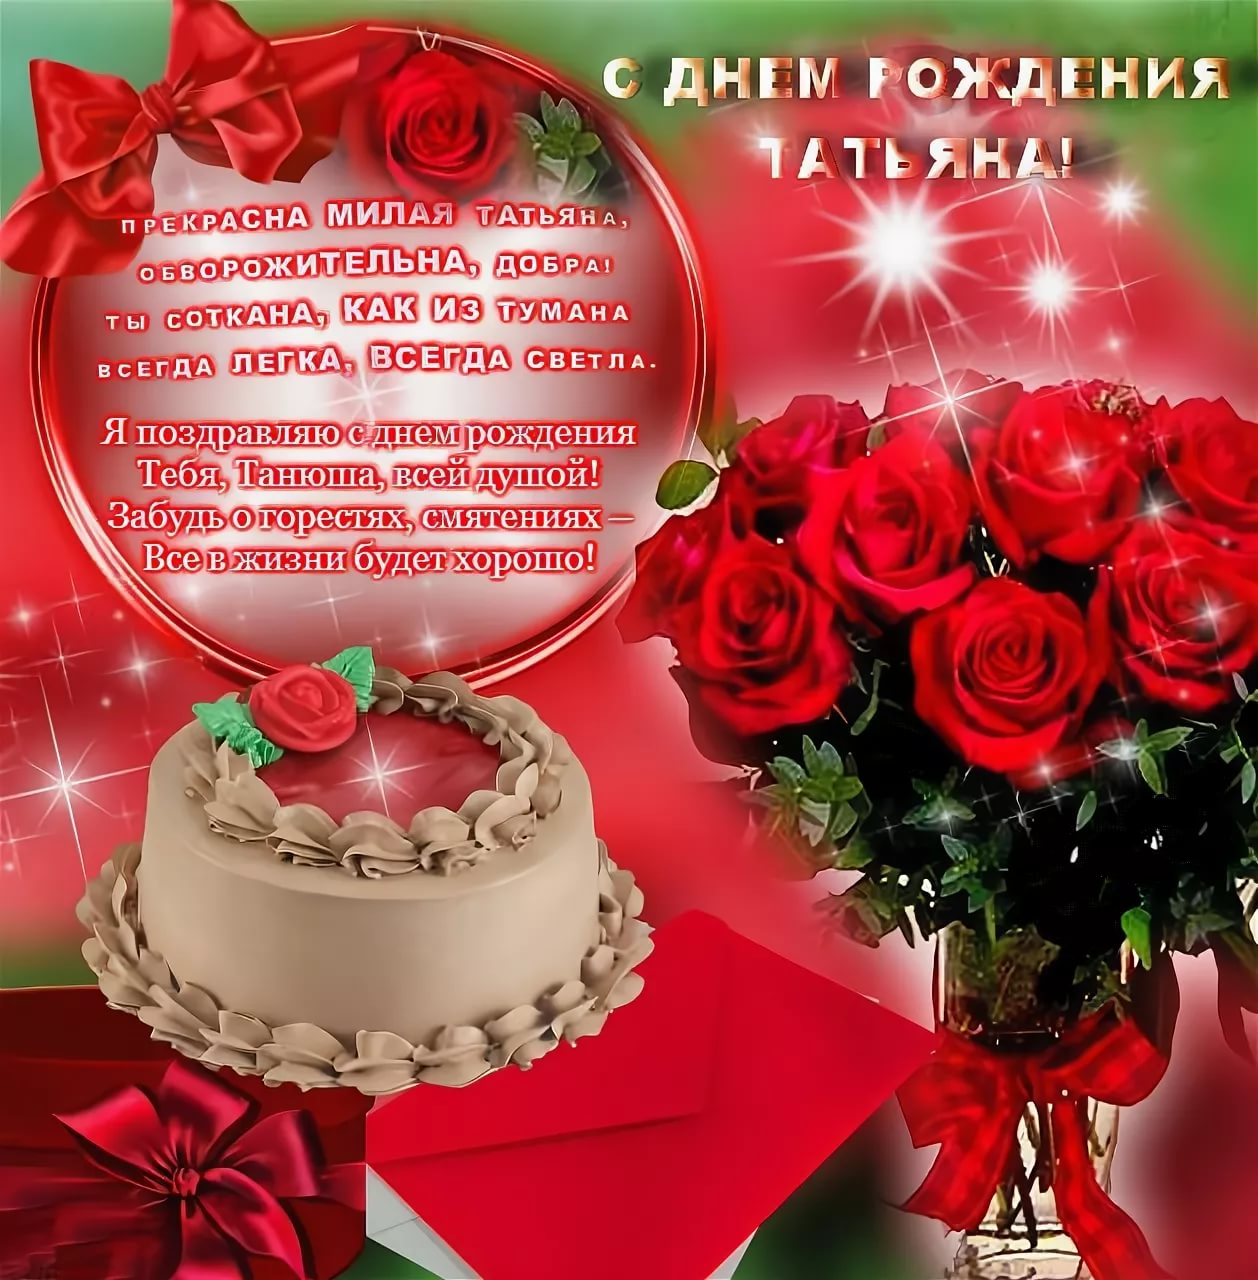 Красивые поздравления с днем рождения татьяна открытки бесплатные 1